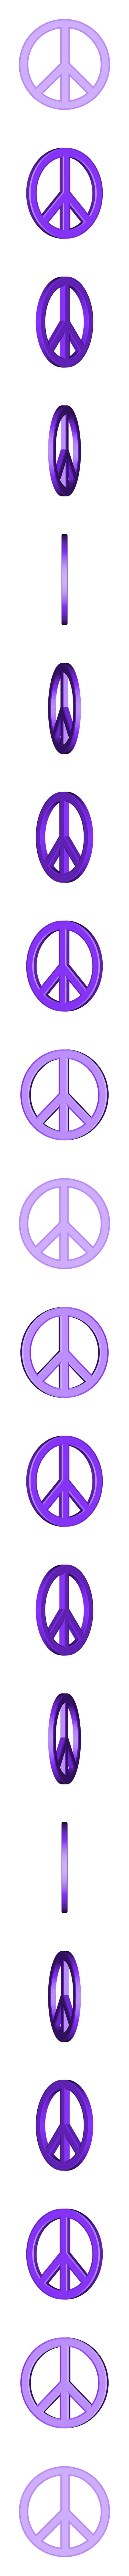 peace_sign.stl Télécharger fichier STL gratuit Boucle d'oreille Paix • Modèle à imprimer en 3D, ErnyCrazyPrinter